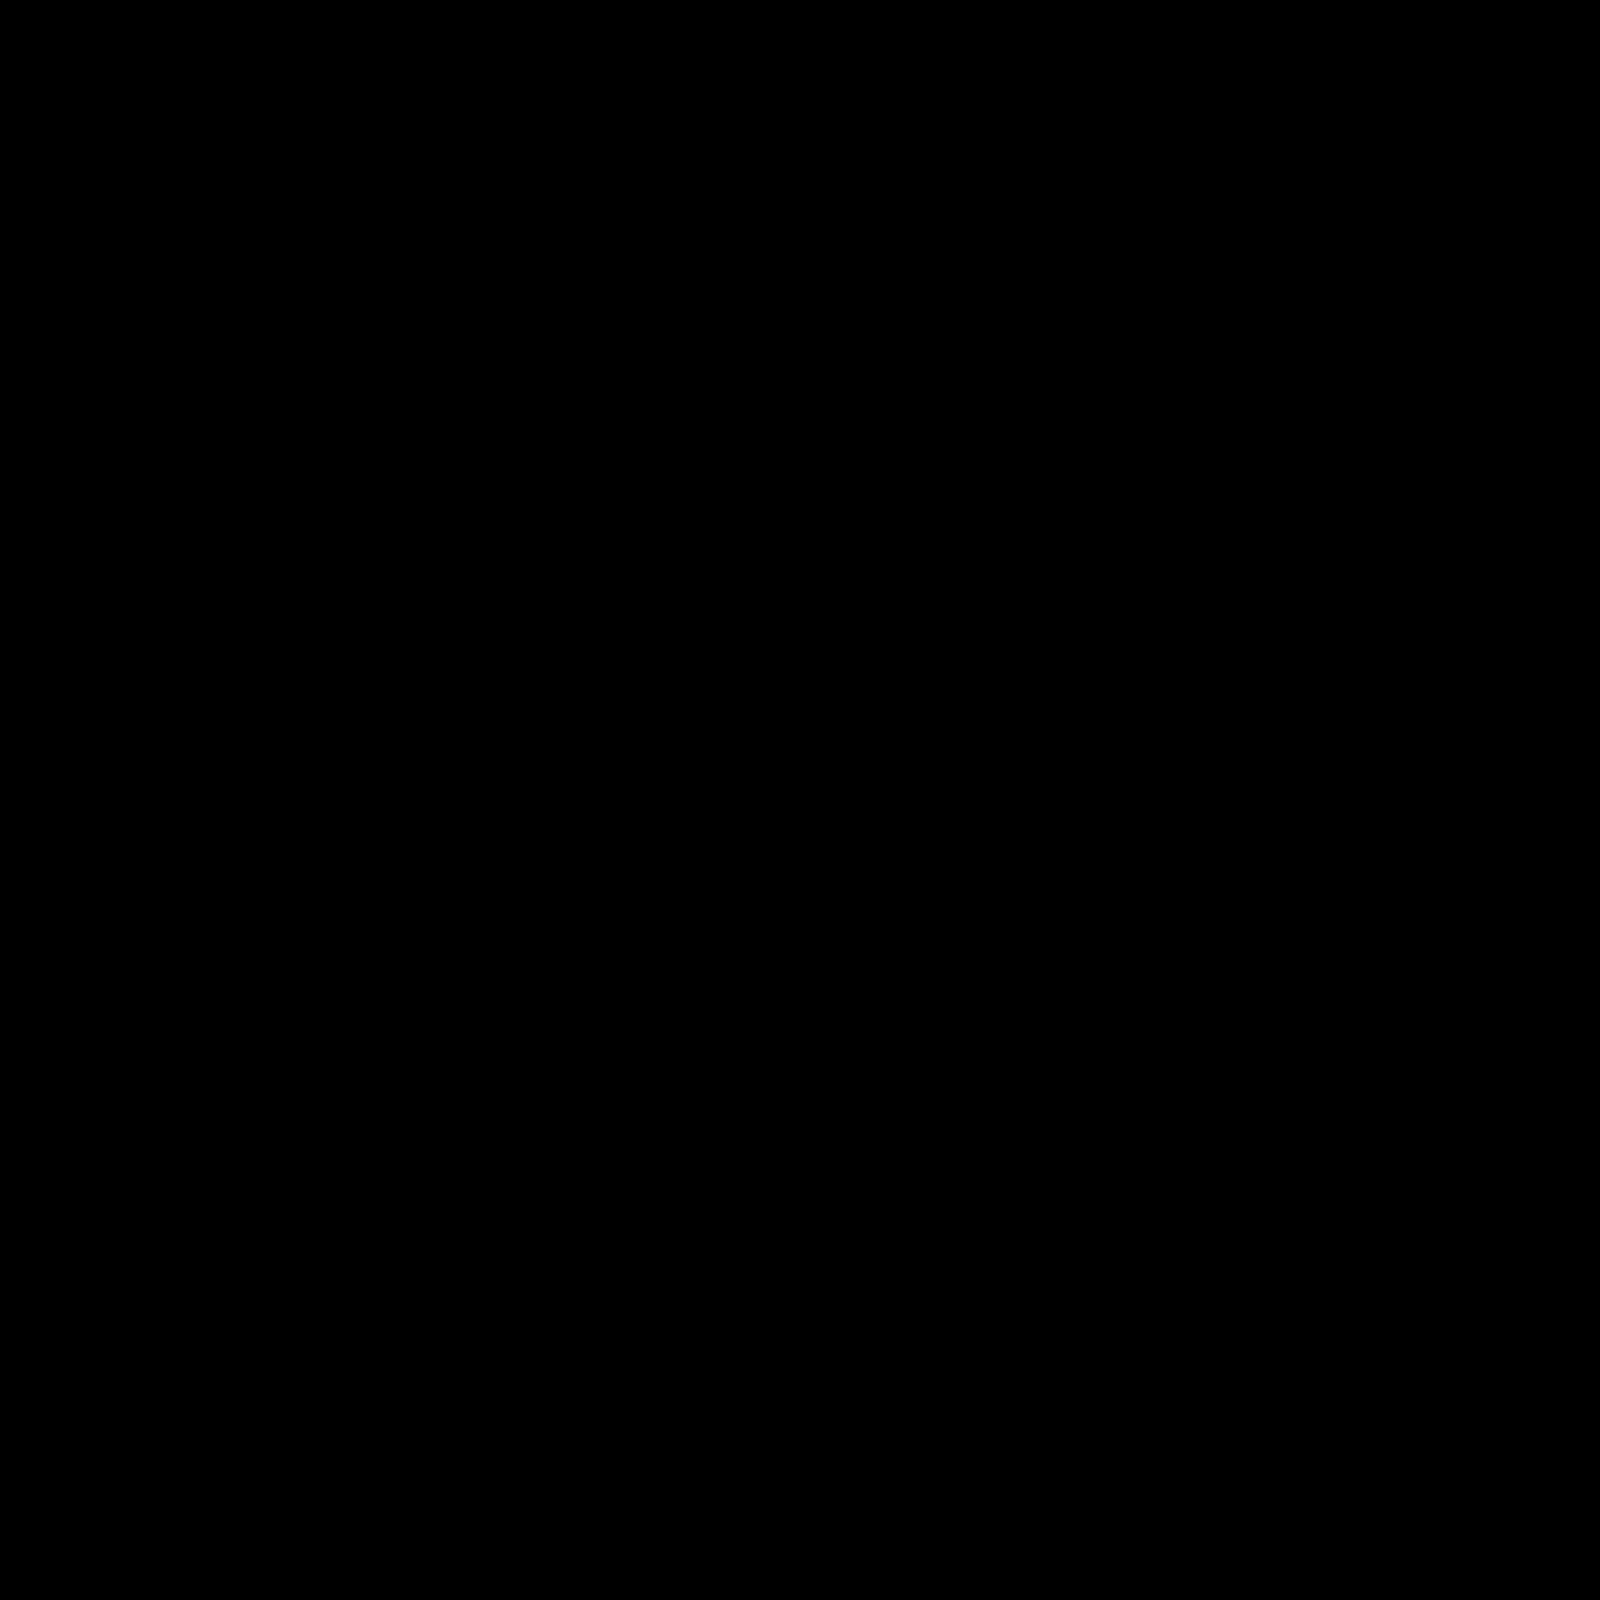 Trangia Stove Filled icon